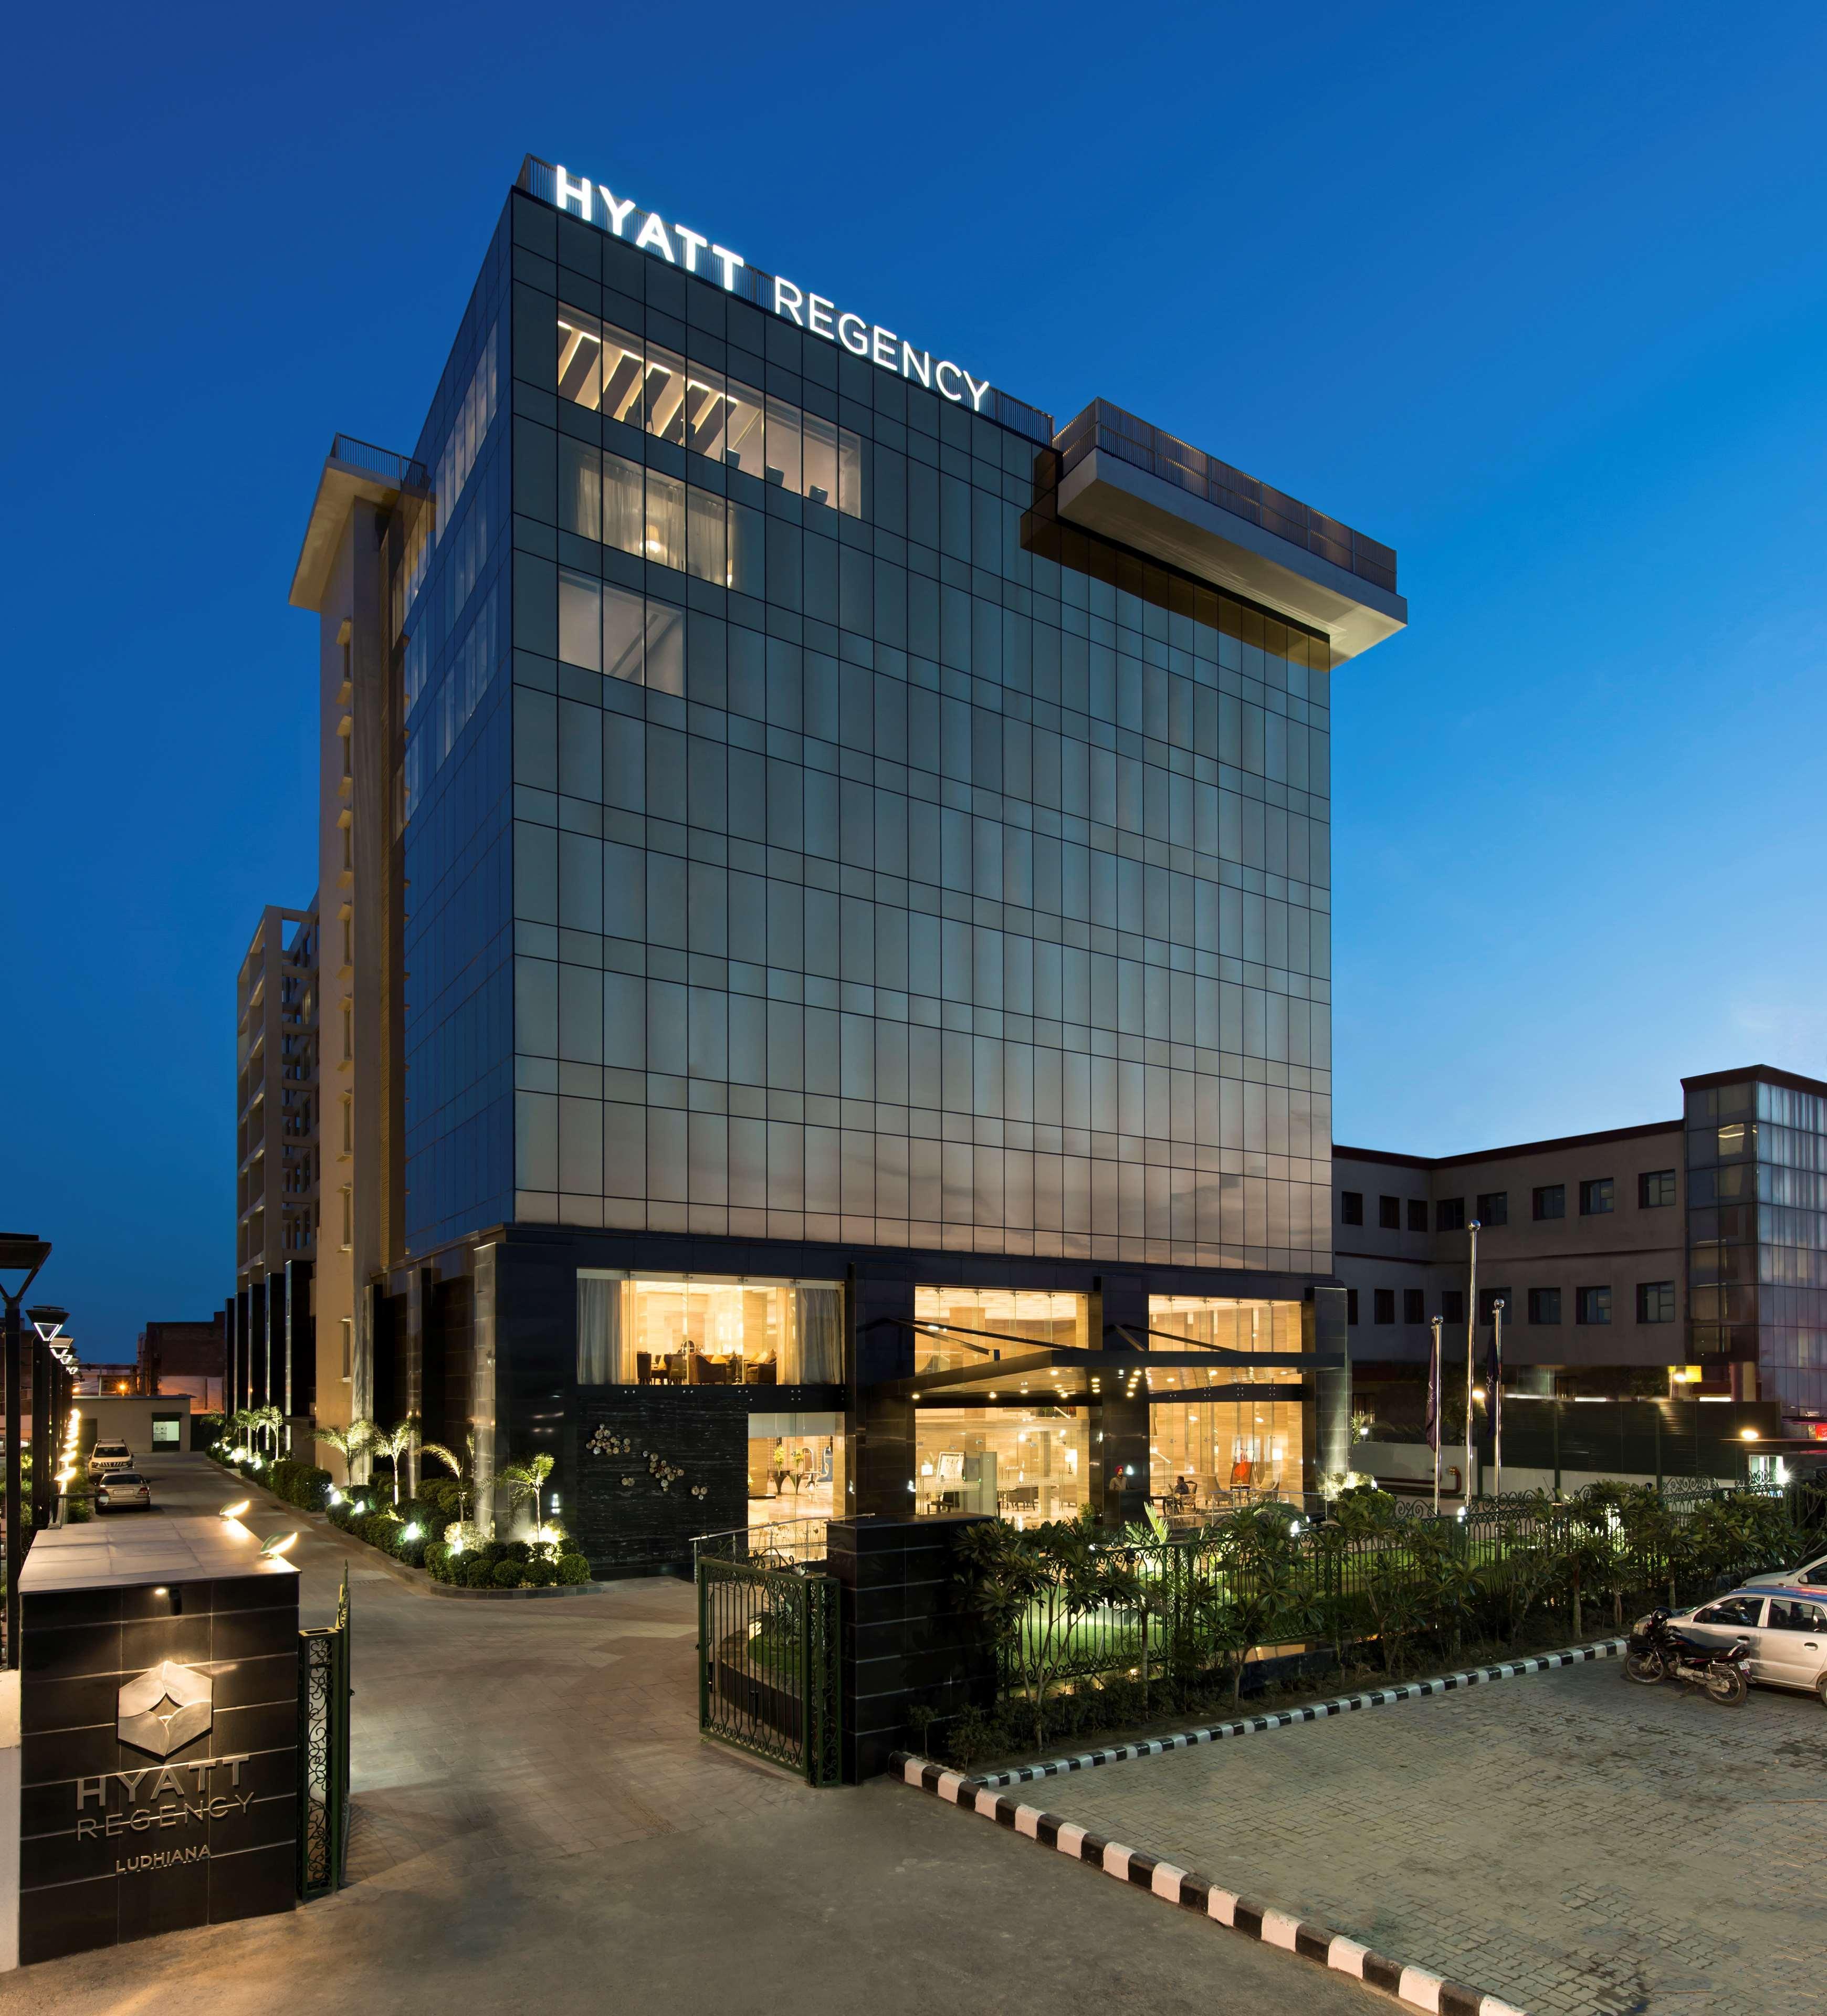 Hyatt Regency Ludhiana, Ludhiana